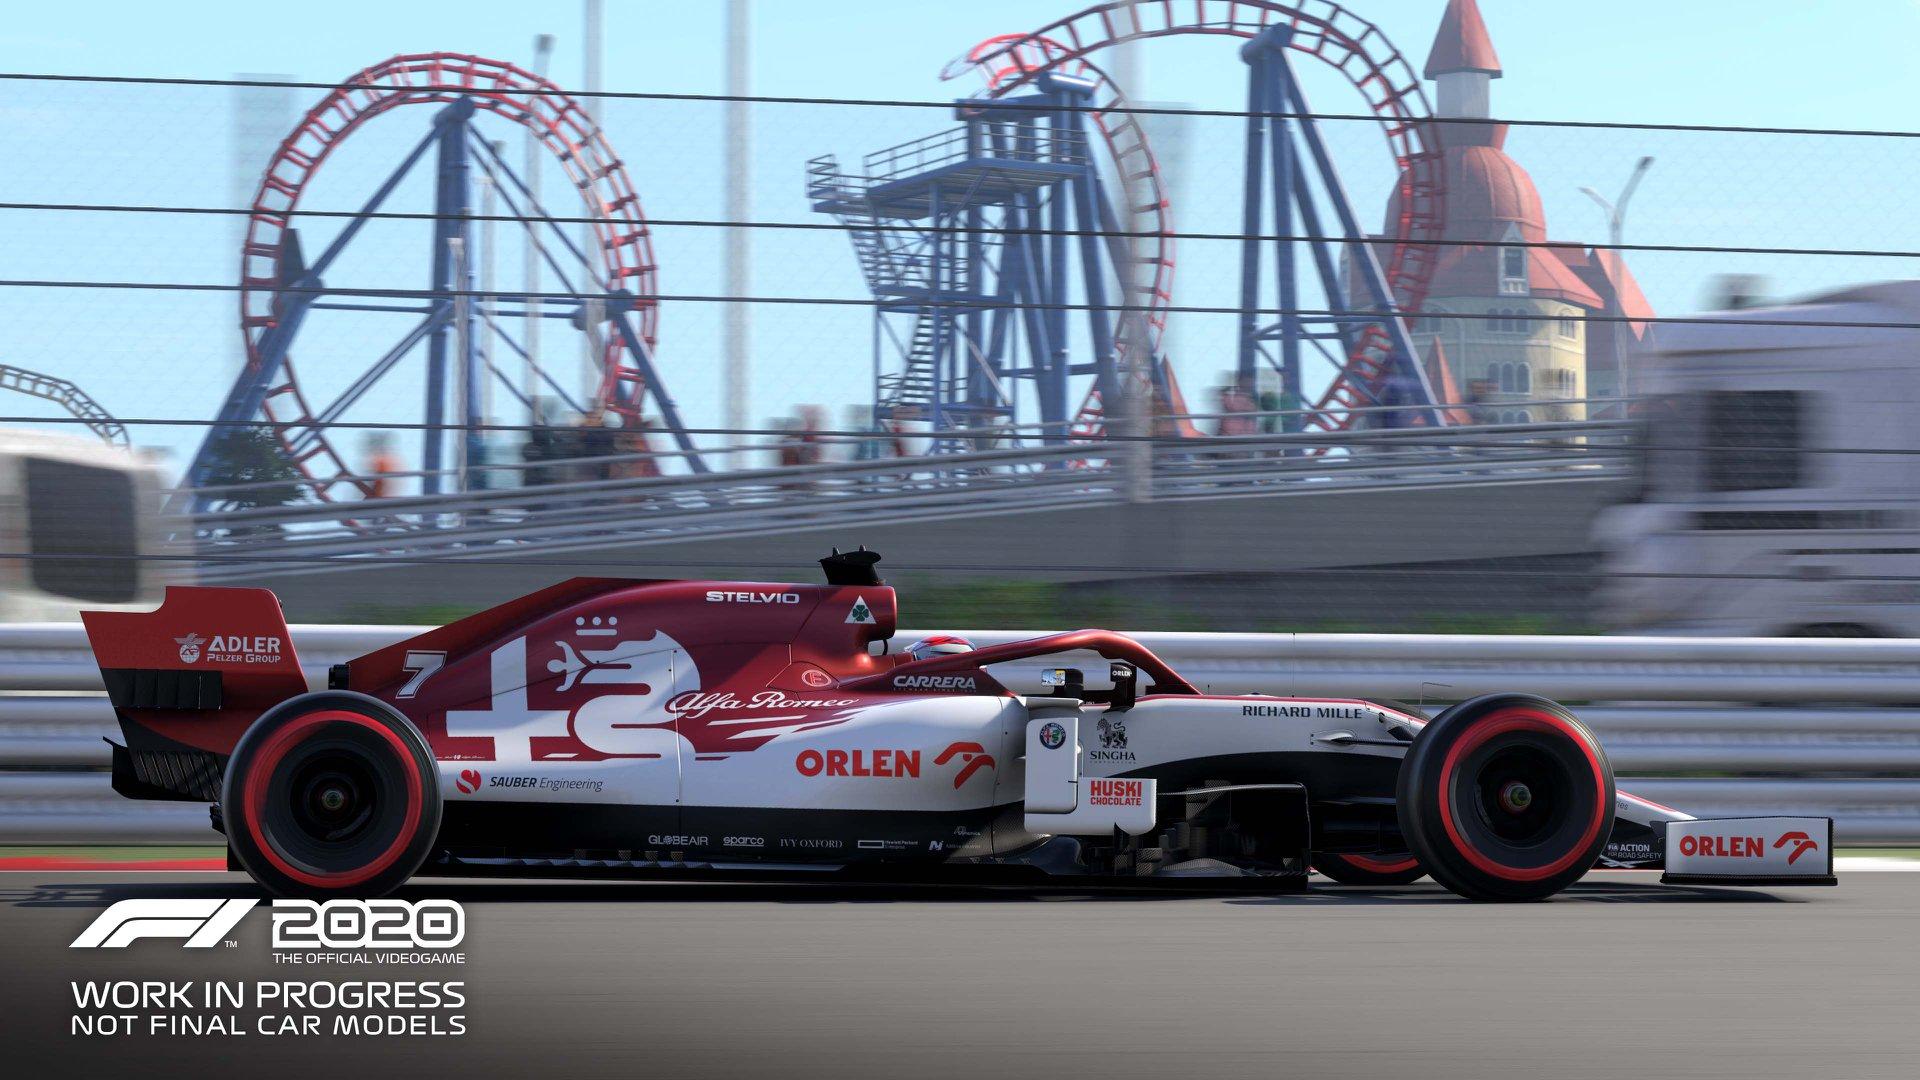 F1 2020 8.jpg